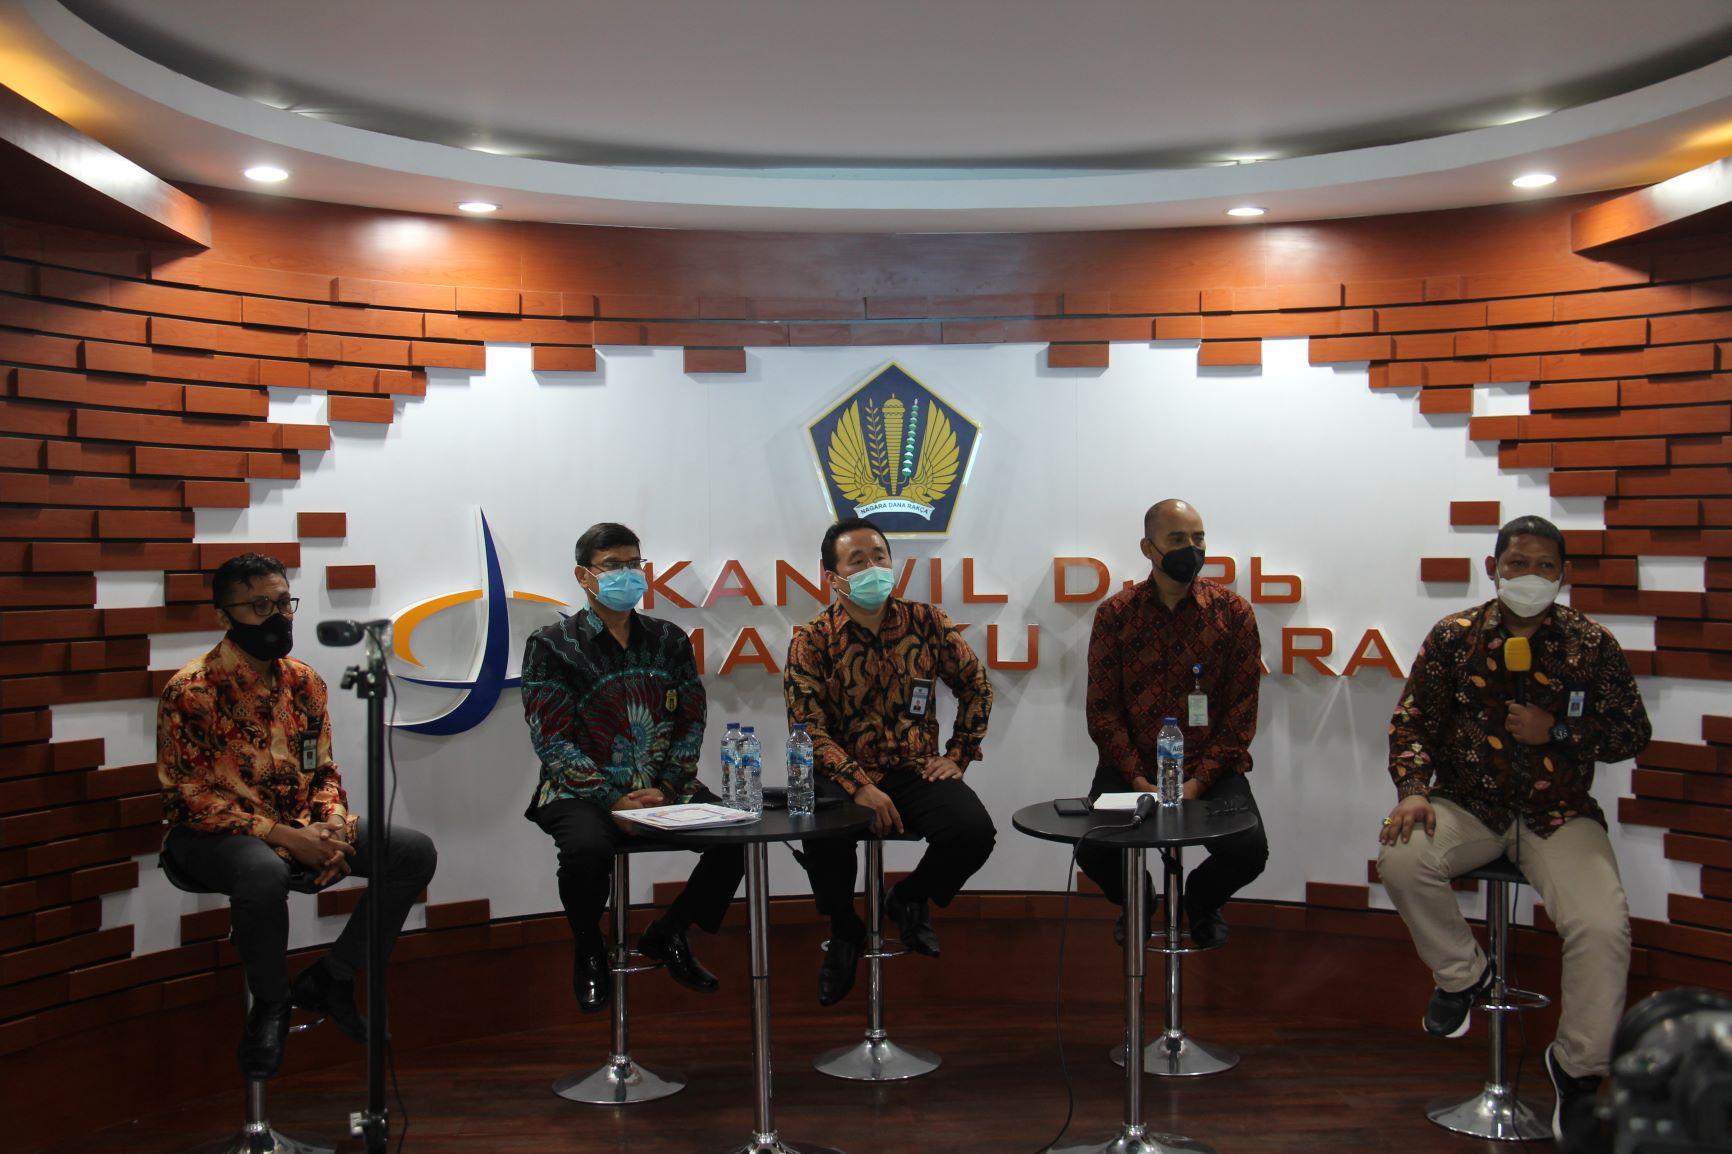 Konferensi Pers Torang Pe APBN: Pulih dan Bangkitkan Ekonomi Maluku Utara secara Extraordinary